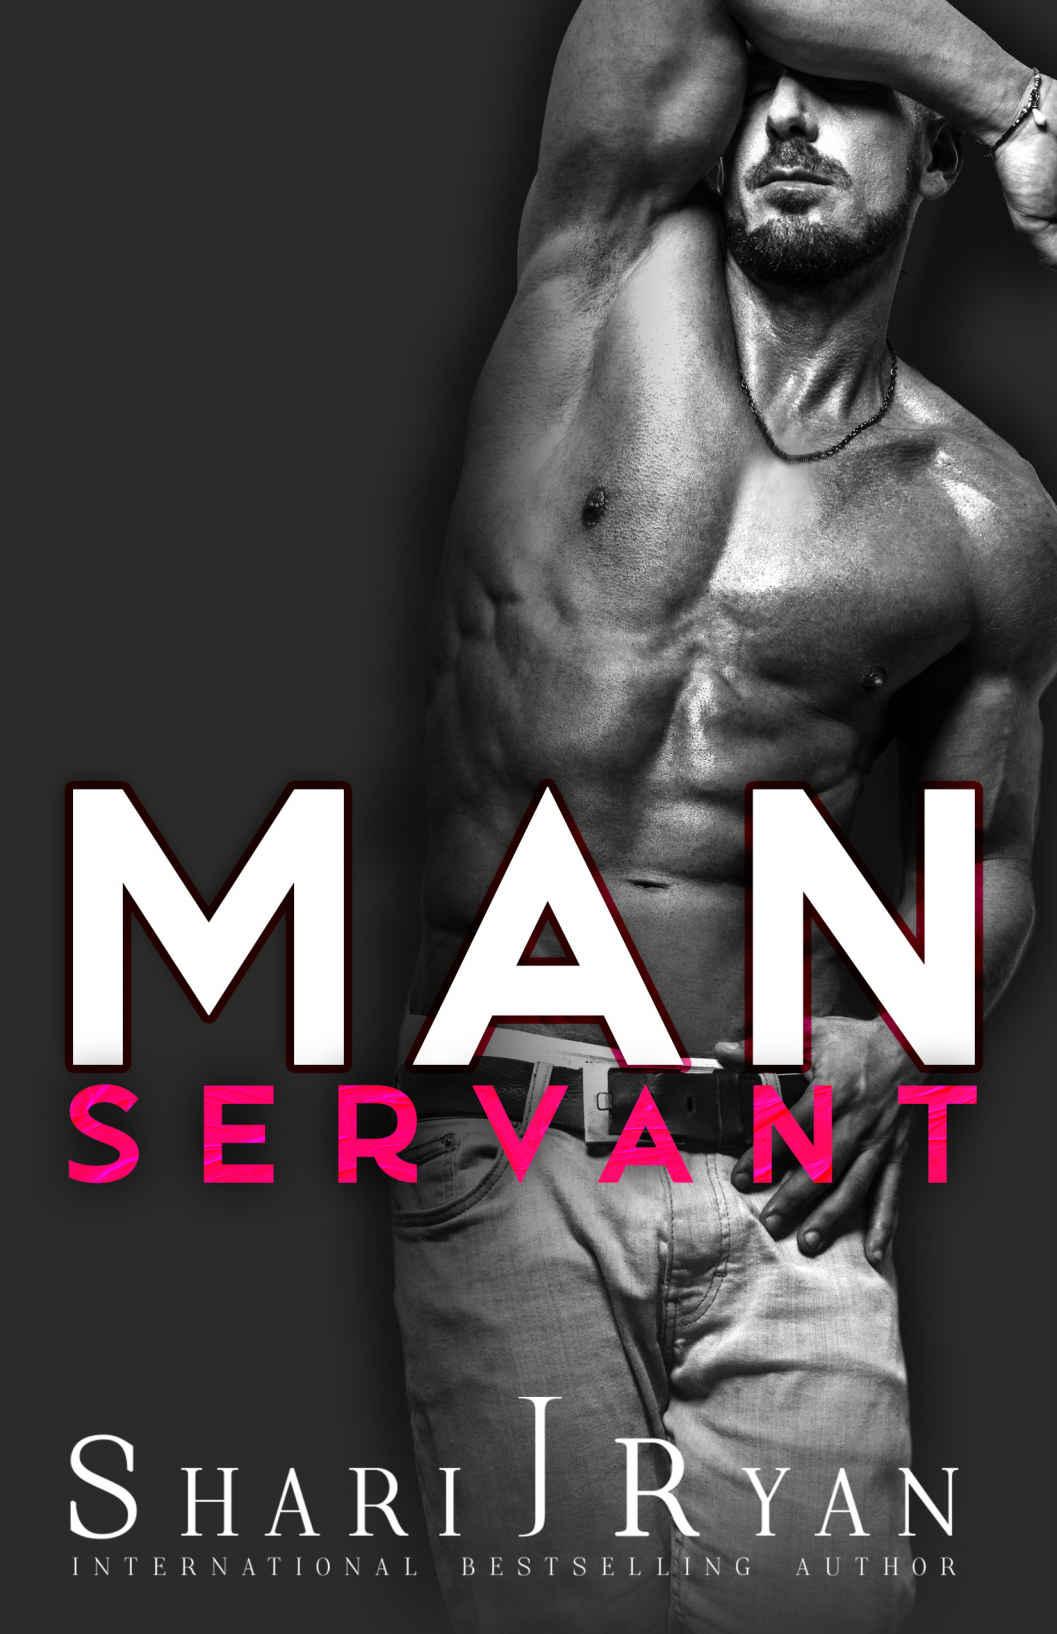 Man Servant - By Shari J Ryan